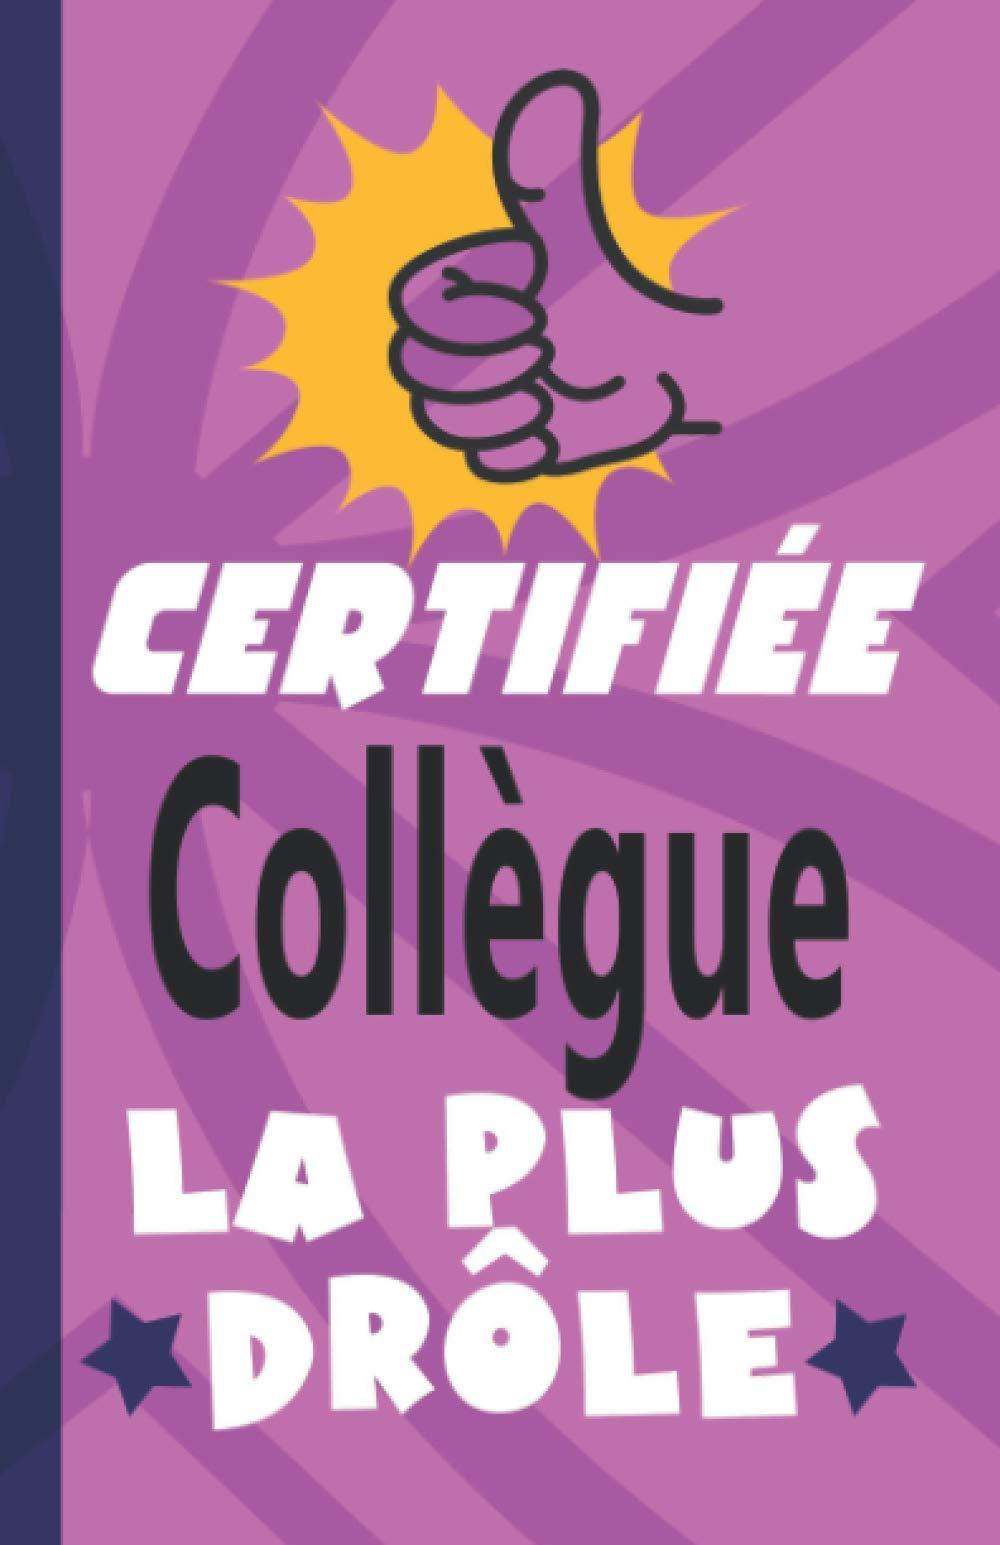 Carnet de notes Certifiée Collègue LA plus drôle – Carnet 102 pages format A5 – humour au travail, cadeau de départ 👍 😆